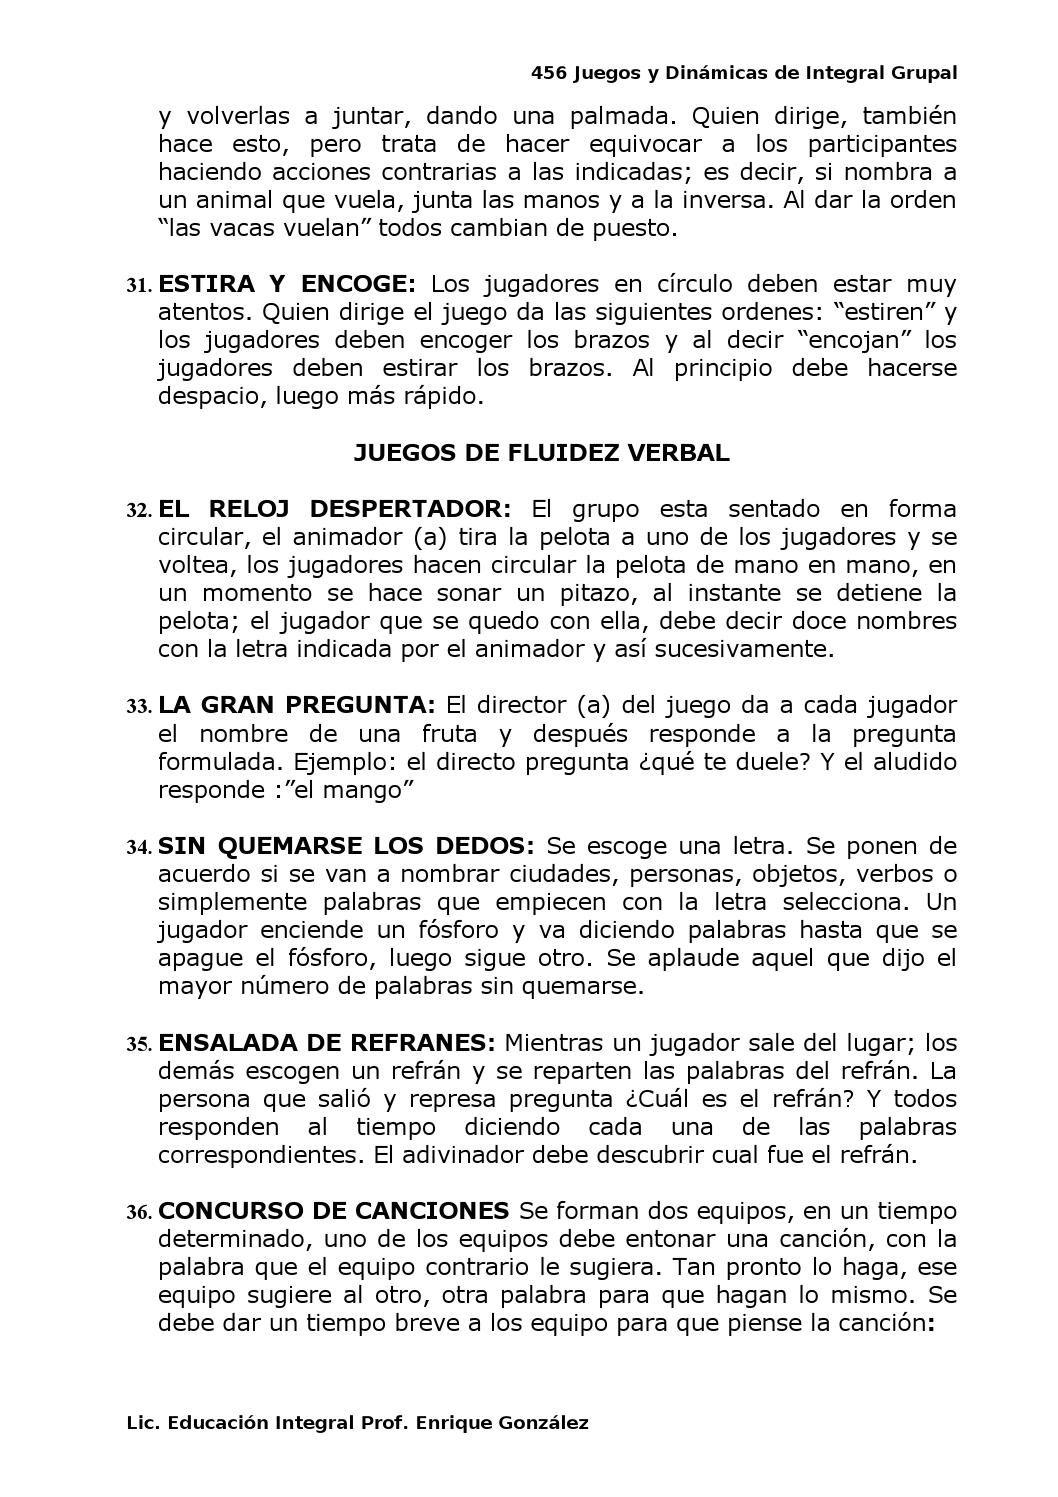 Recopilación 456 Juegos Y Dinamicas De Integracion Grupal Prof Enrique González Integracion Dinamica De Integracion Educacion Integral